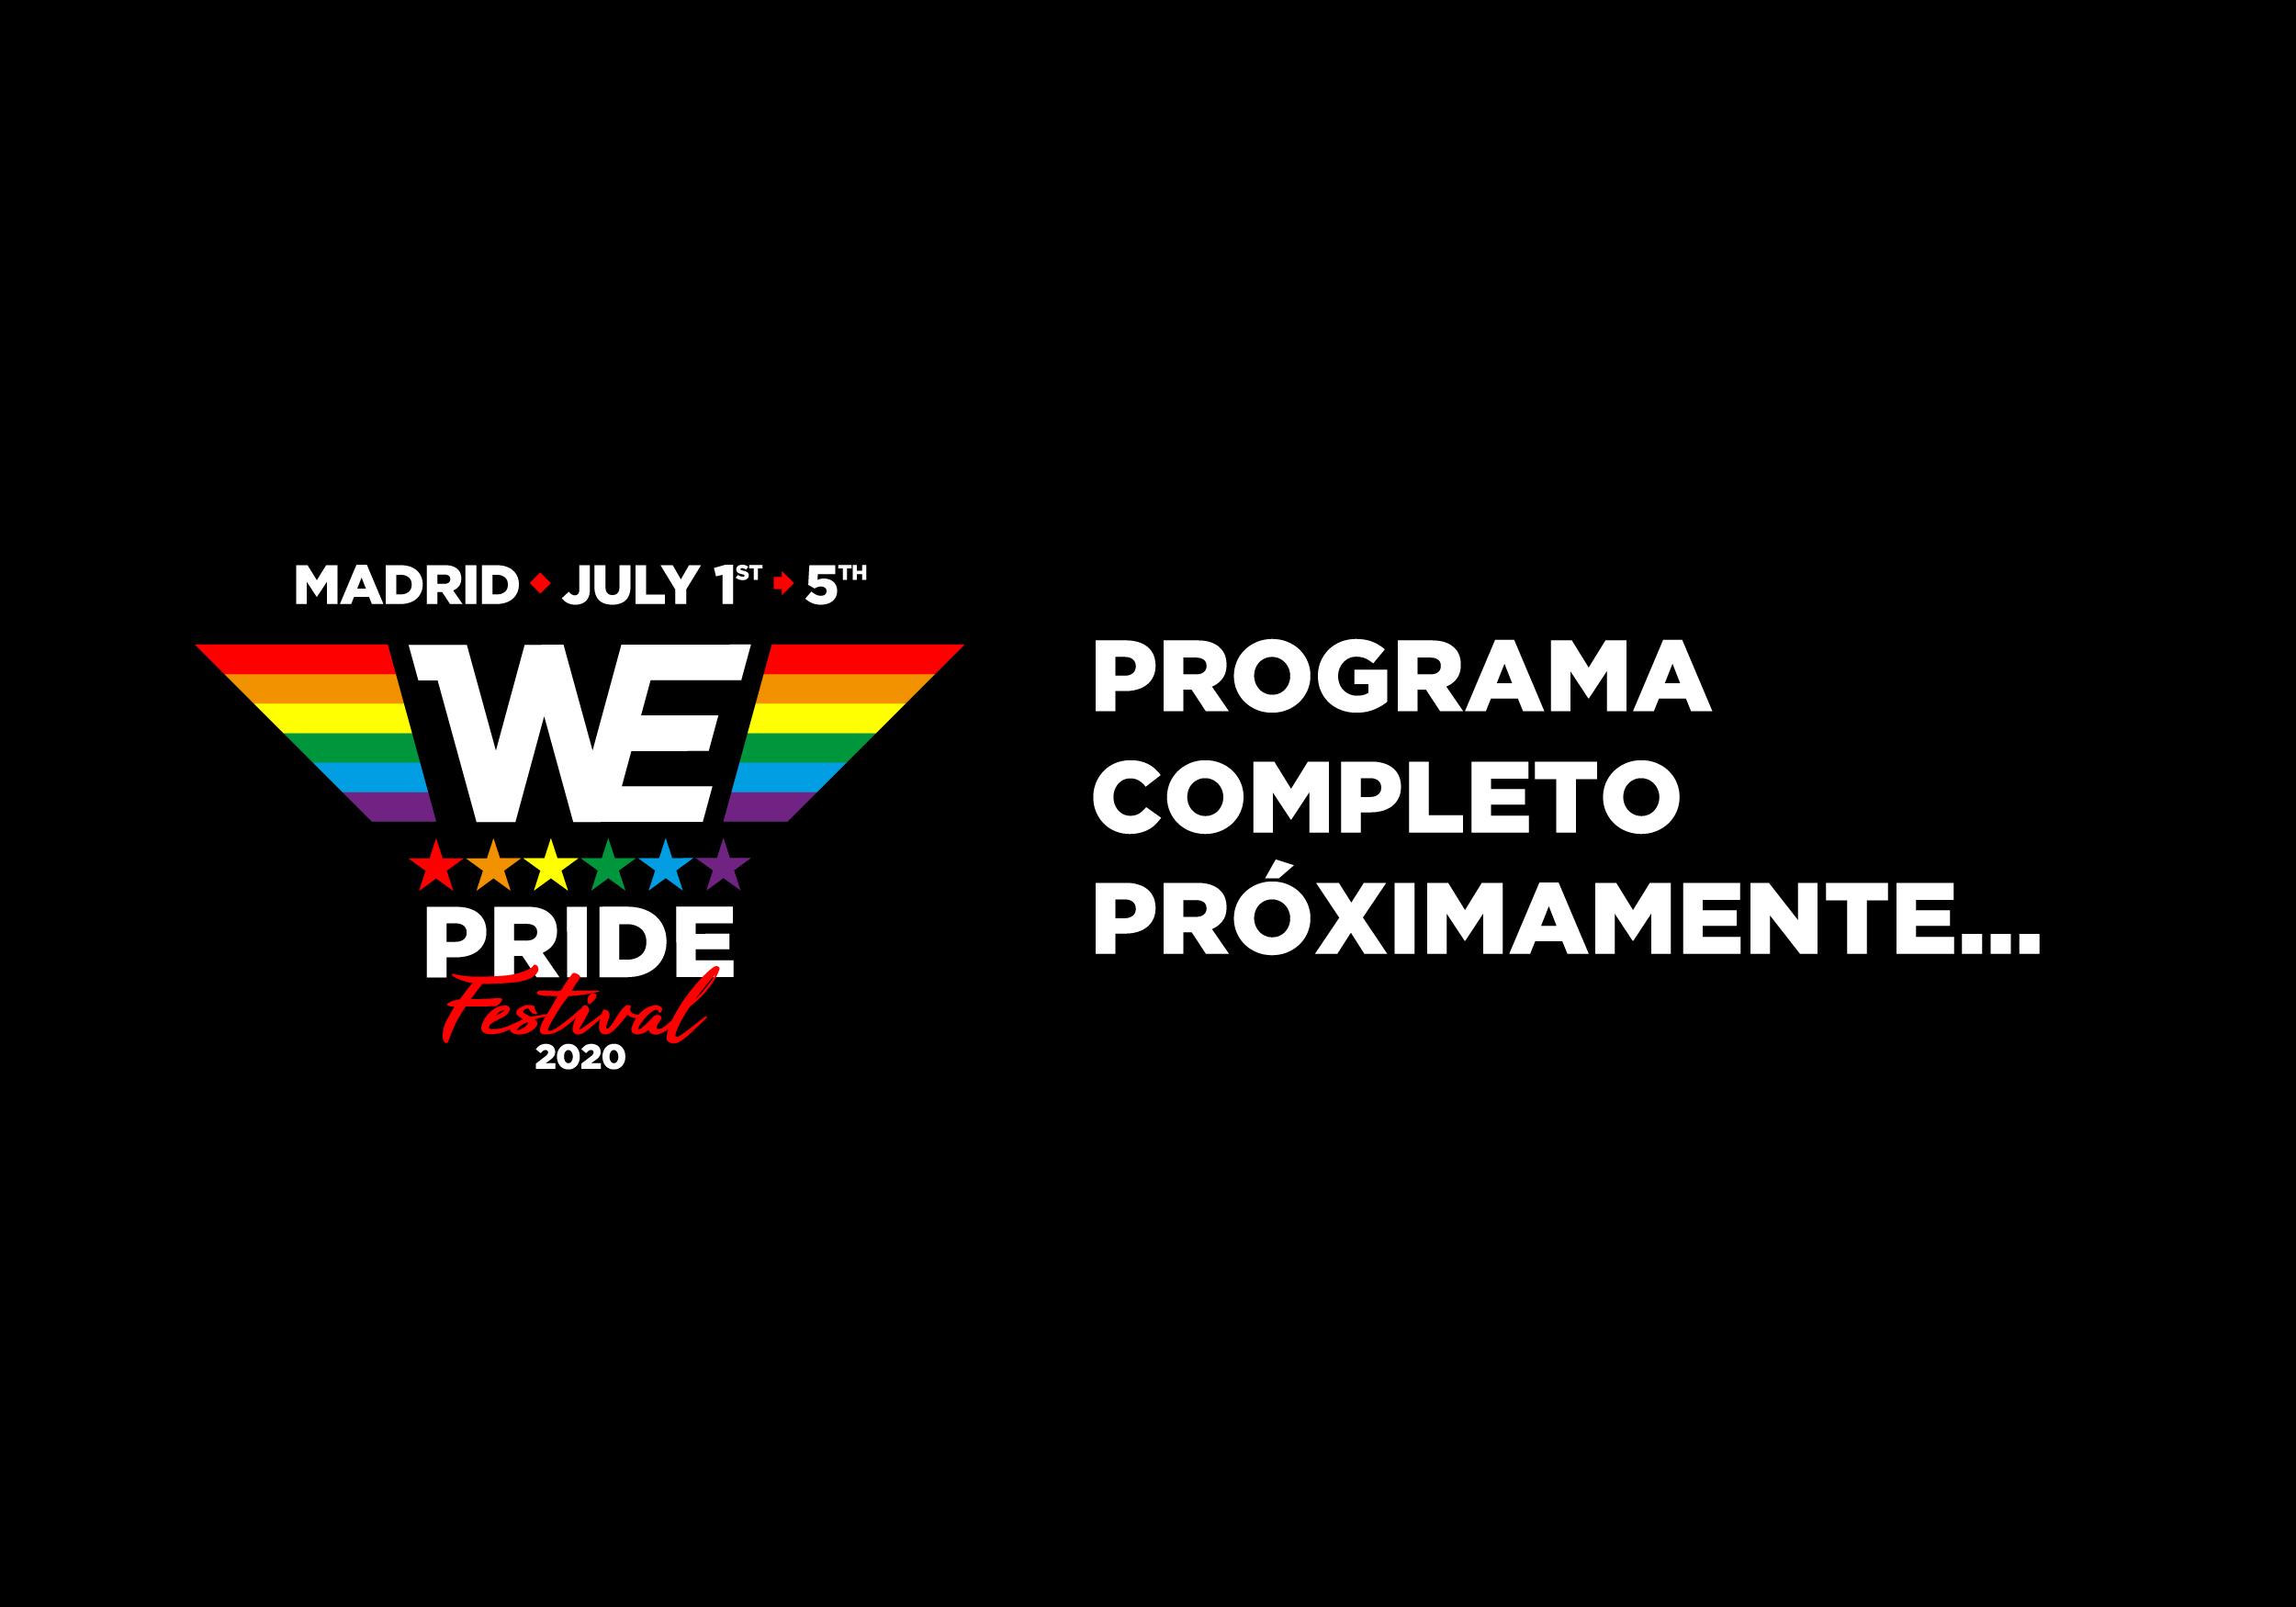 WE-PrideFestival2020-WEB-FULLPROGRAM-ESPAÑOL